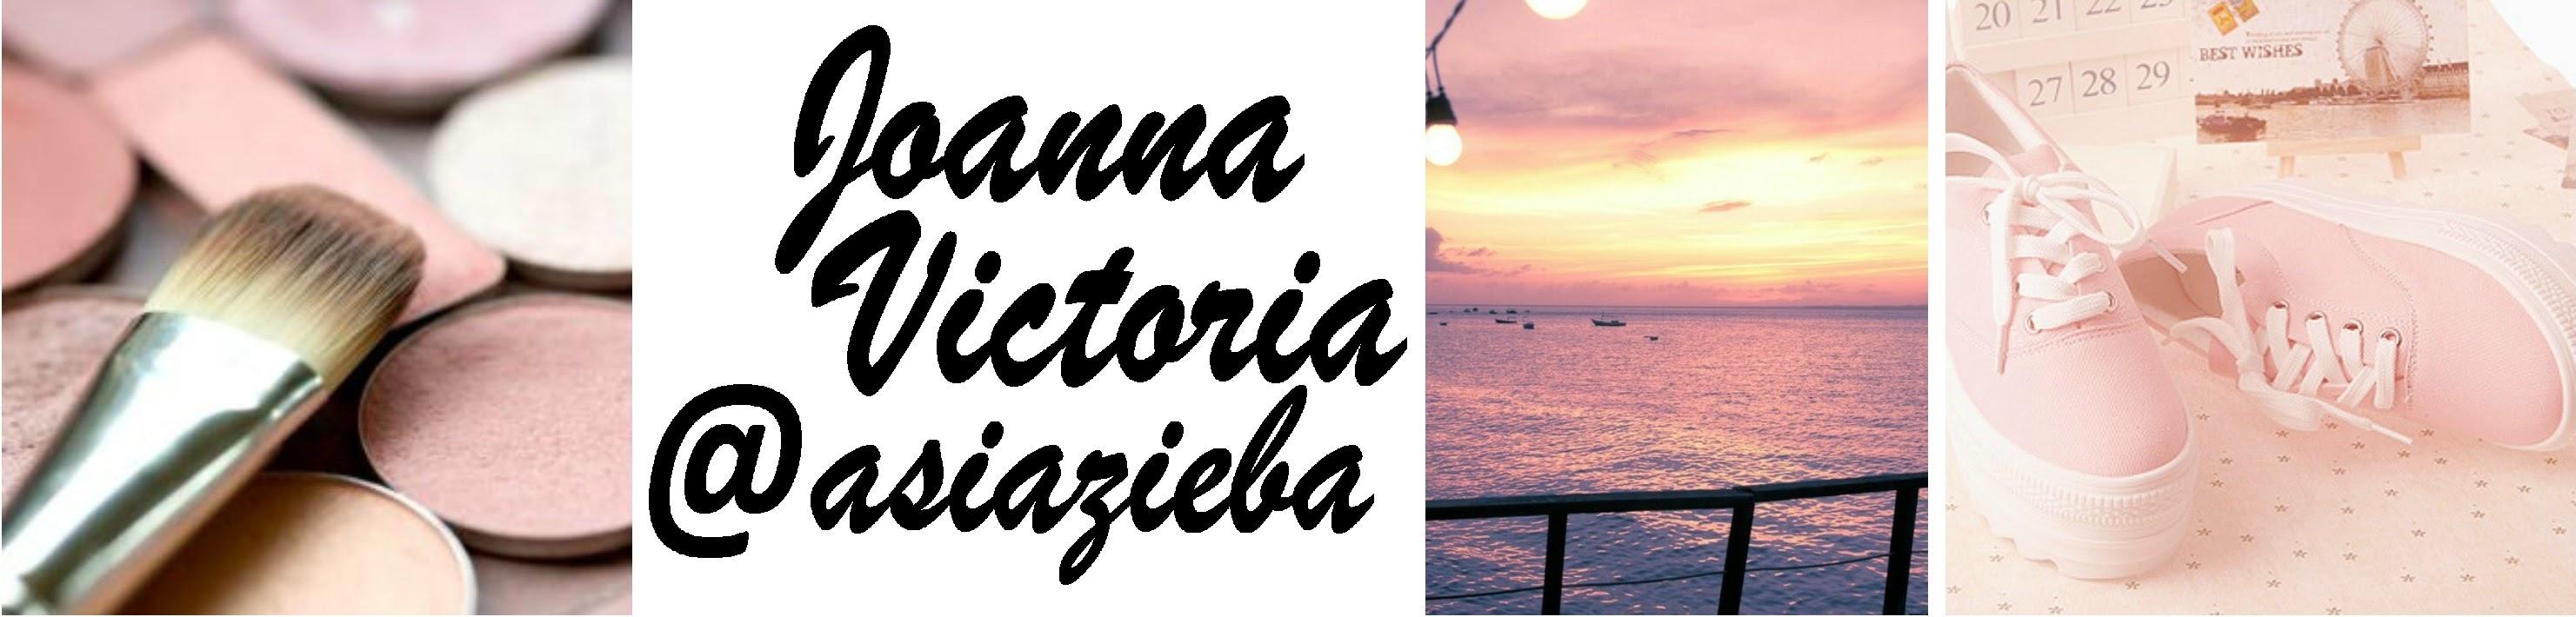 http://joannavictoria.blogspot.com